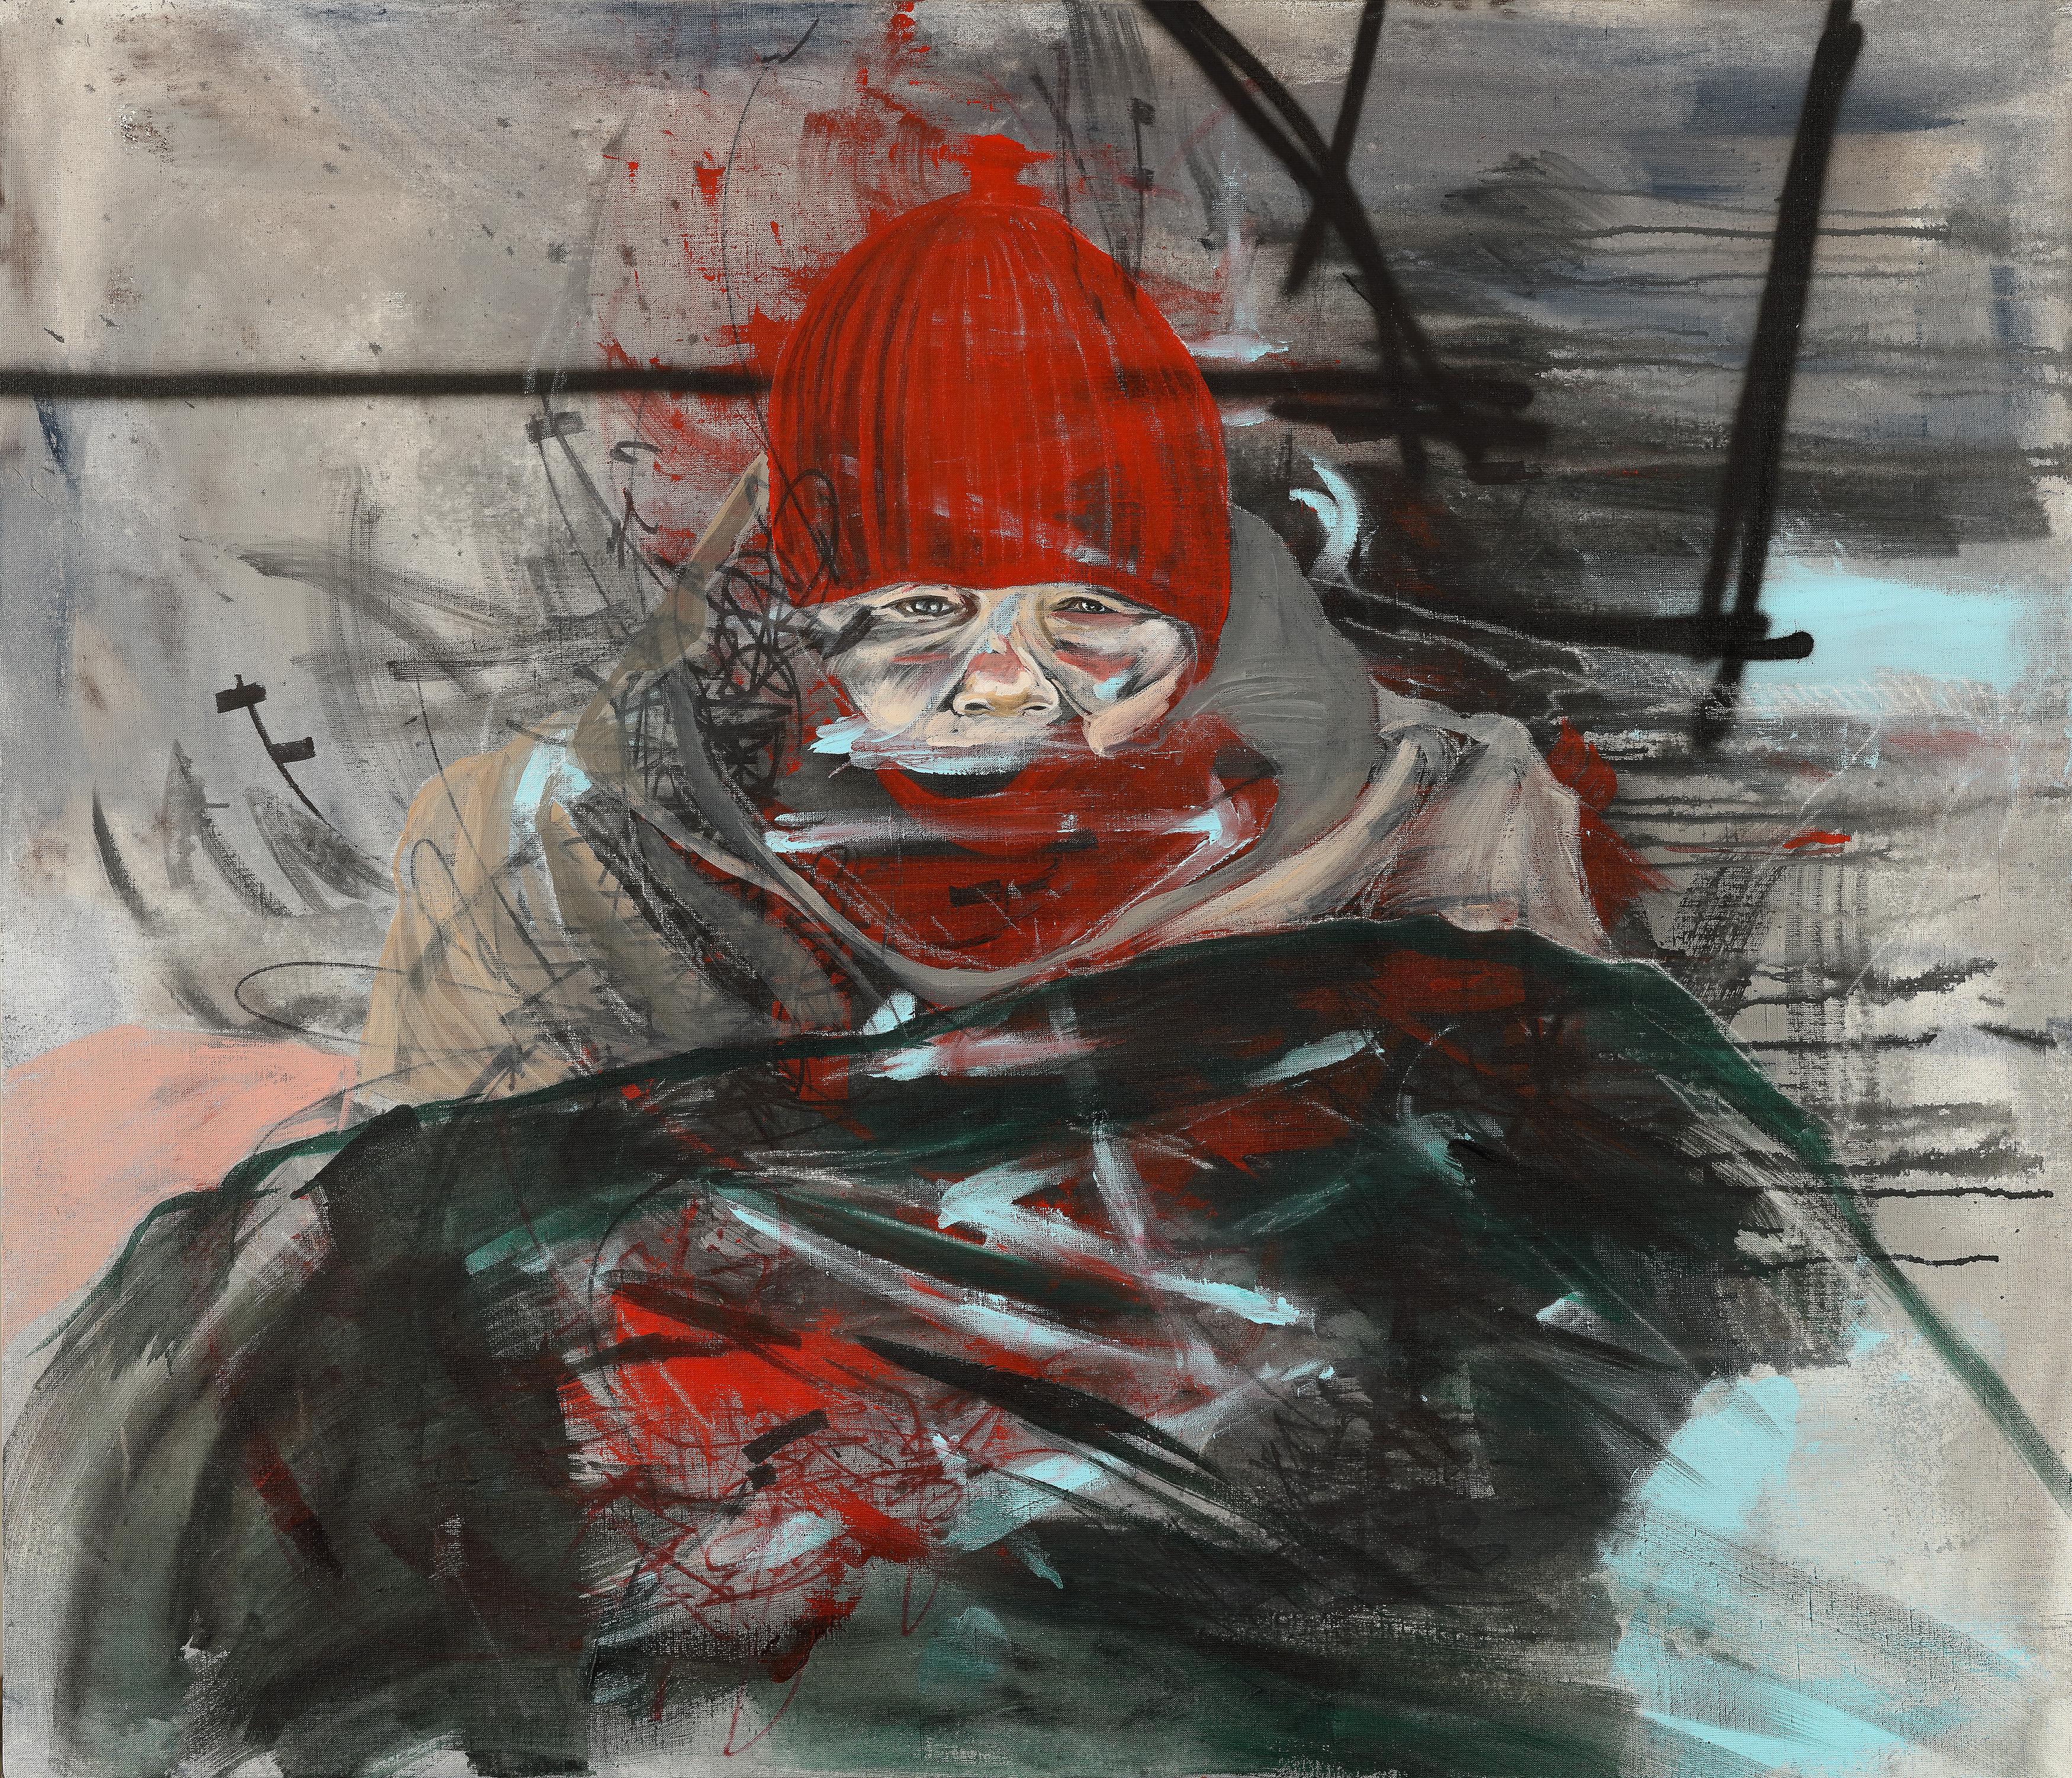 Výstavu děl umělkyně, která si říká TOY_BOX, nabízí Egon Schiele Art Centrum v Českém Krumlově. Výtvarnice sem přenesla svou zkušenost se streetartem a zachytila zážitky z pobytu v Krumlově